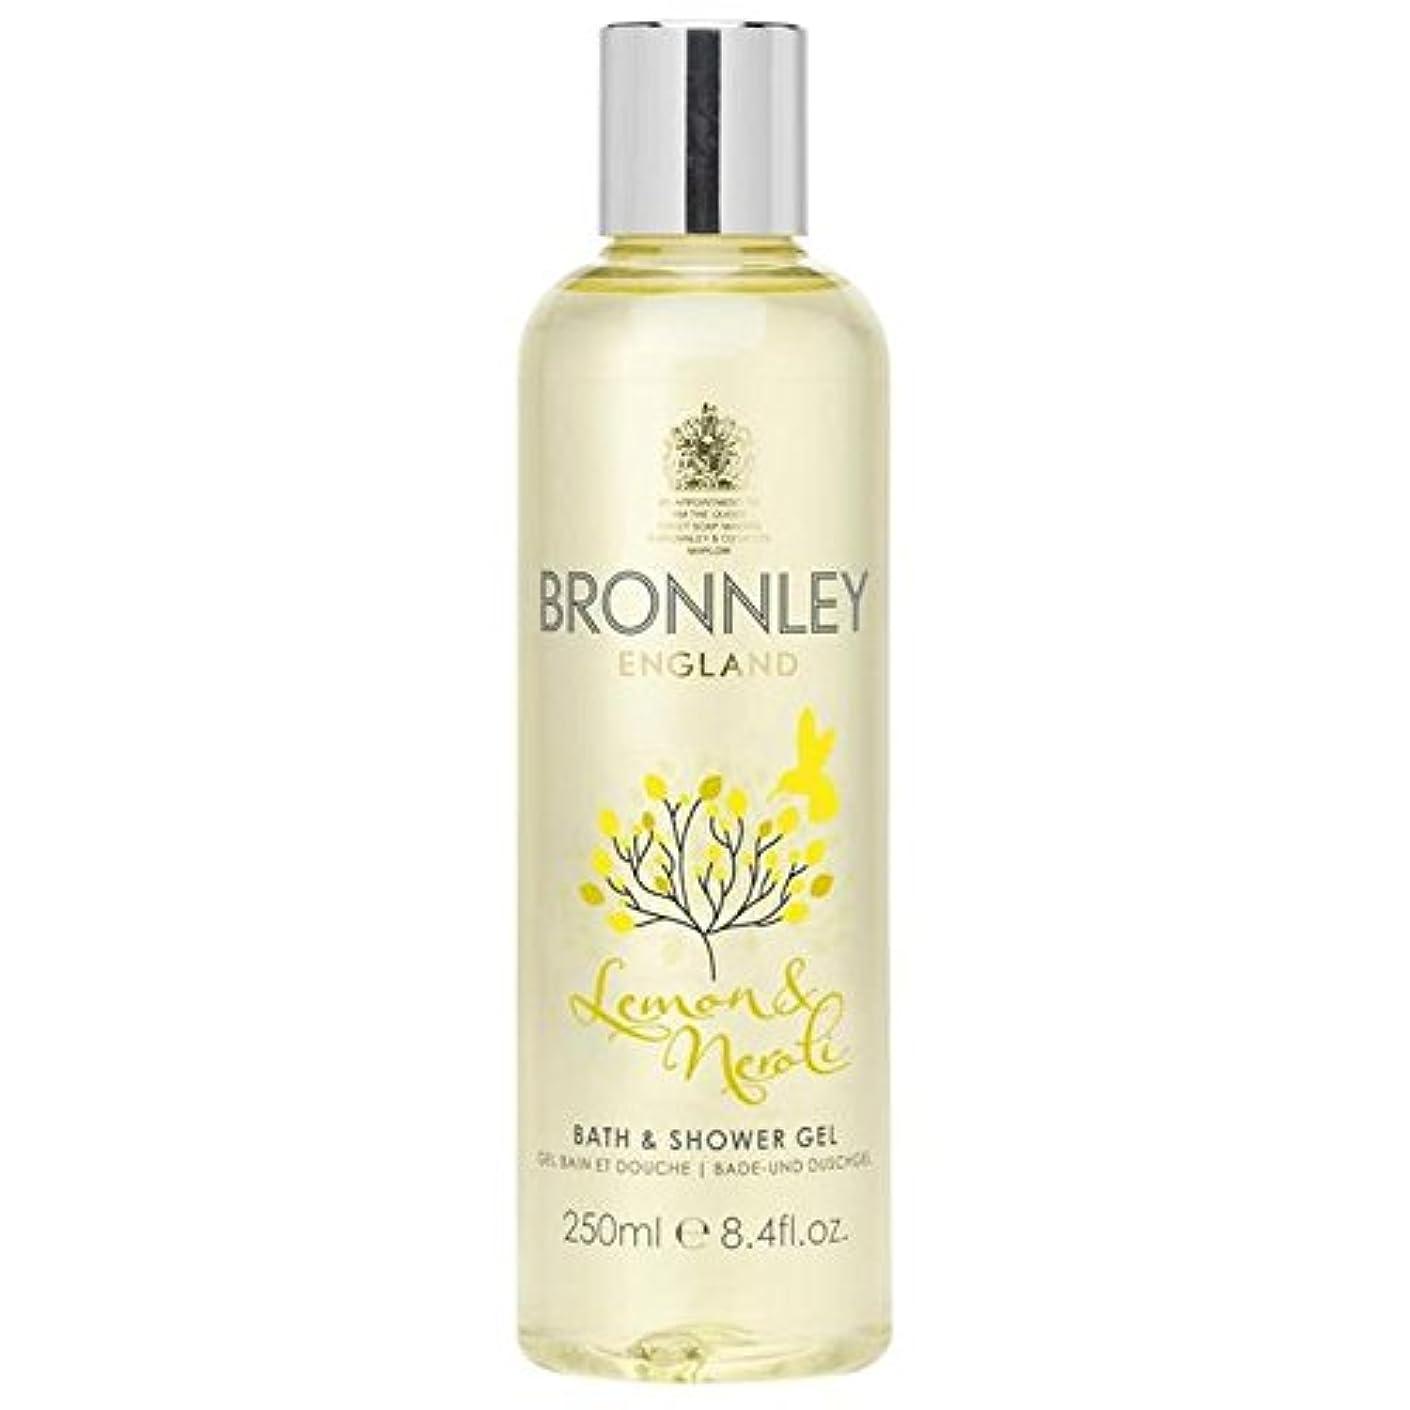 尊敬する論争的受けるBronnley Lemon & Neroli Bath & Shower Gel 250ml (Pack of 6) - レモン&ネロリバス&シャワージェル250ミリリットル x6 [並行輸入品]